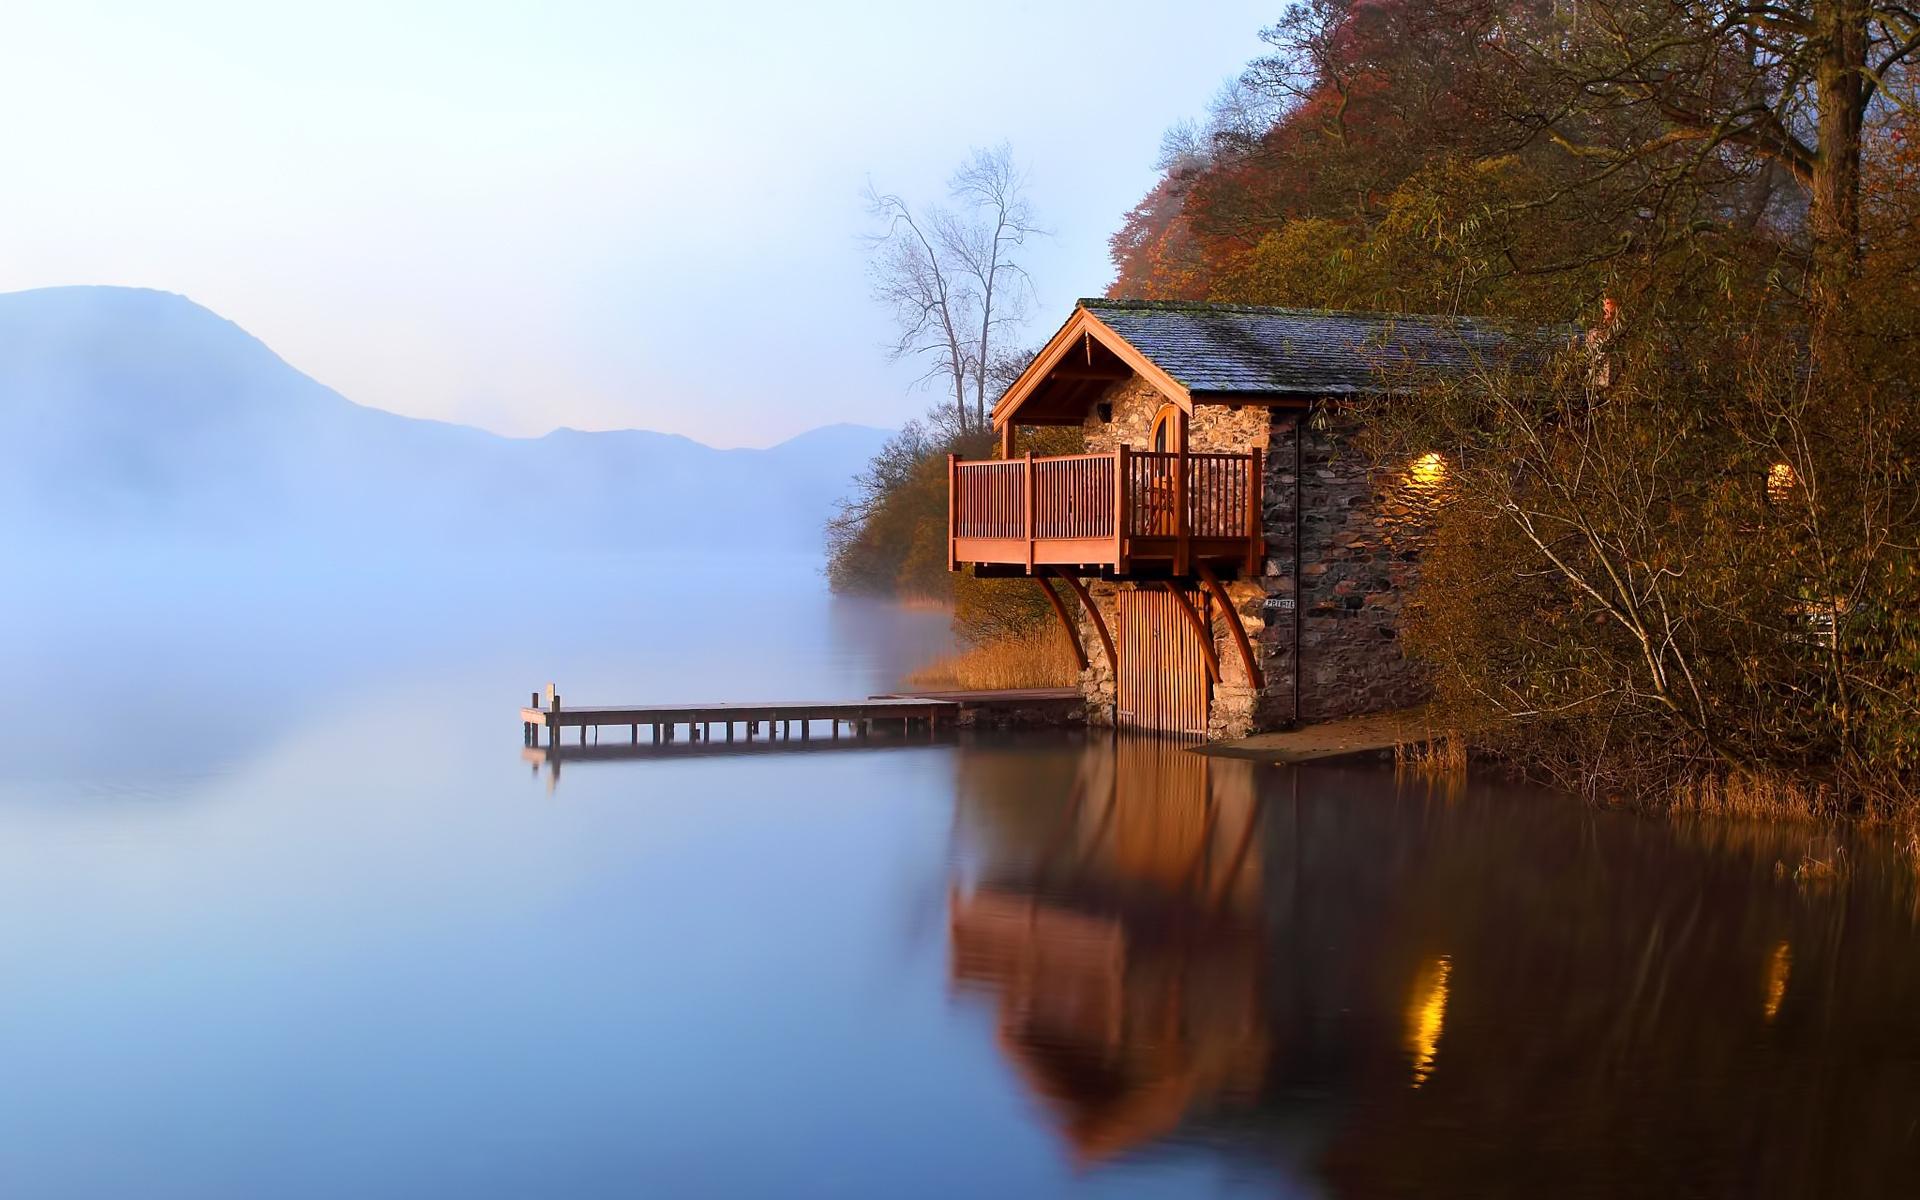 Картинки Озеро, домик, причал, пирс, утро, свет, лампы, побережье фото и обои на рабочий стол